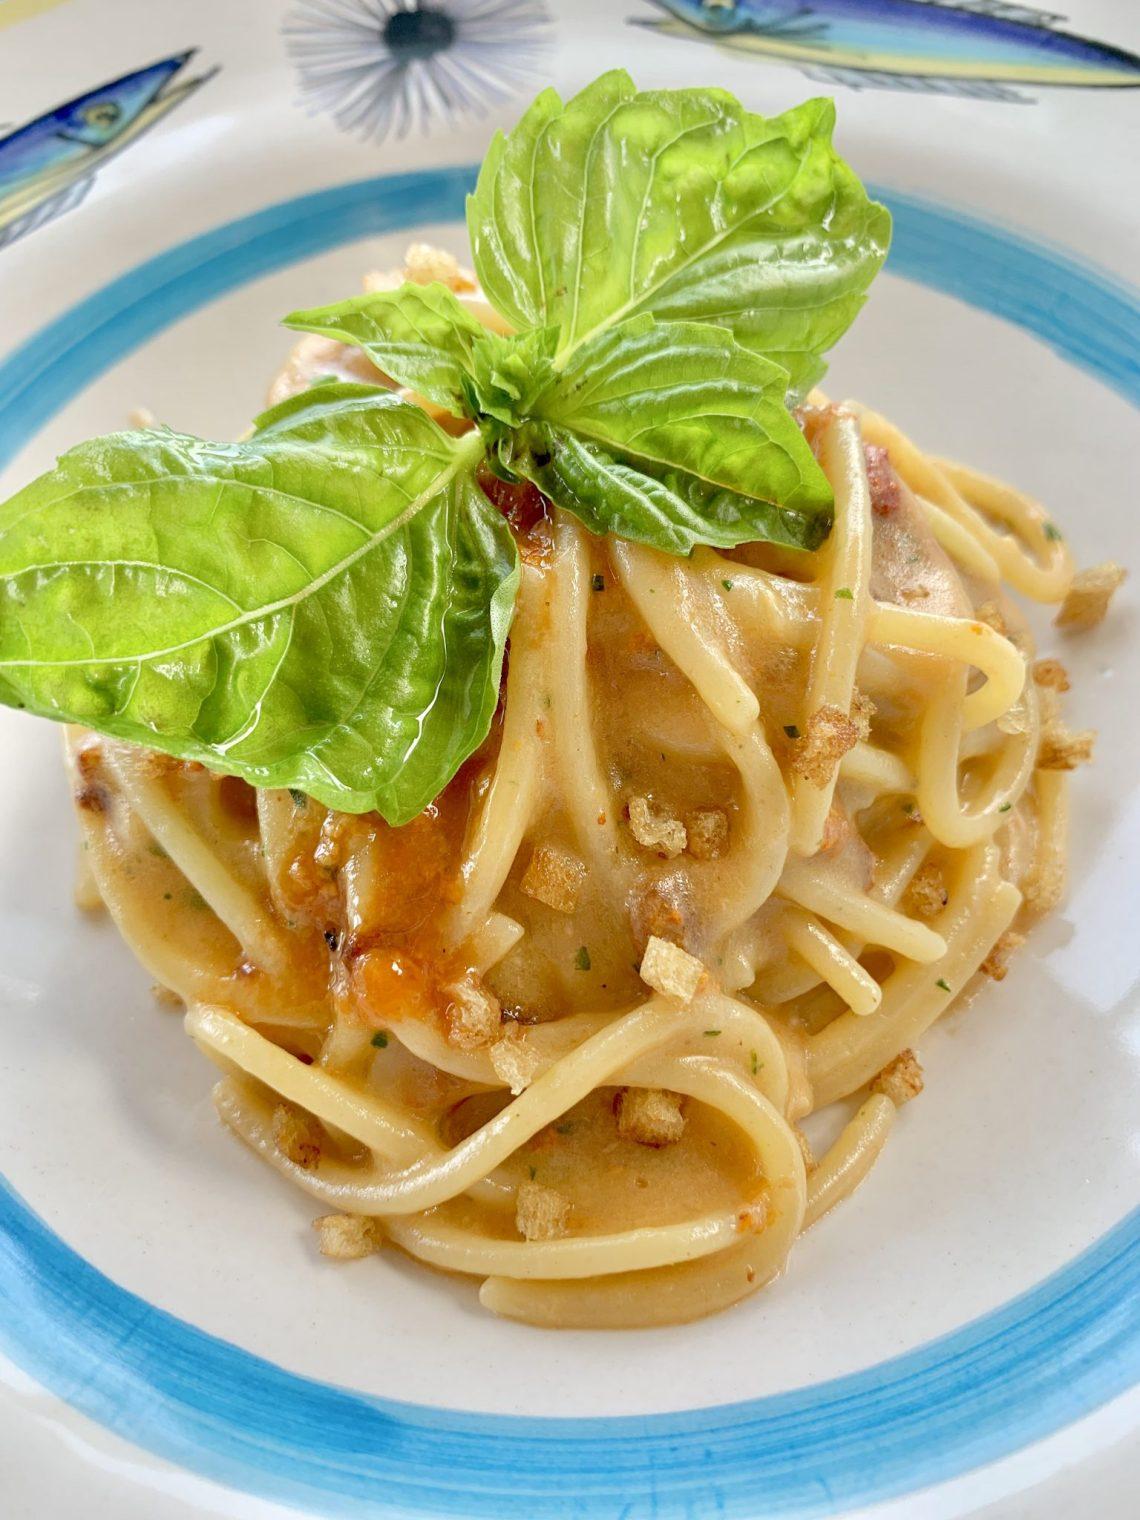 sea urchin pasta at il Riccio restaurant capri italy